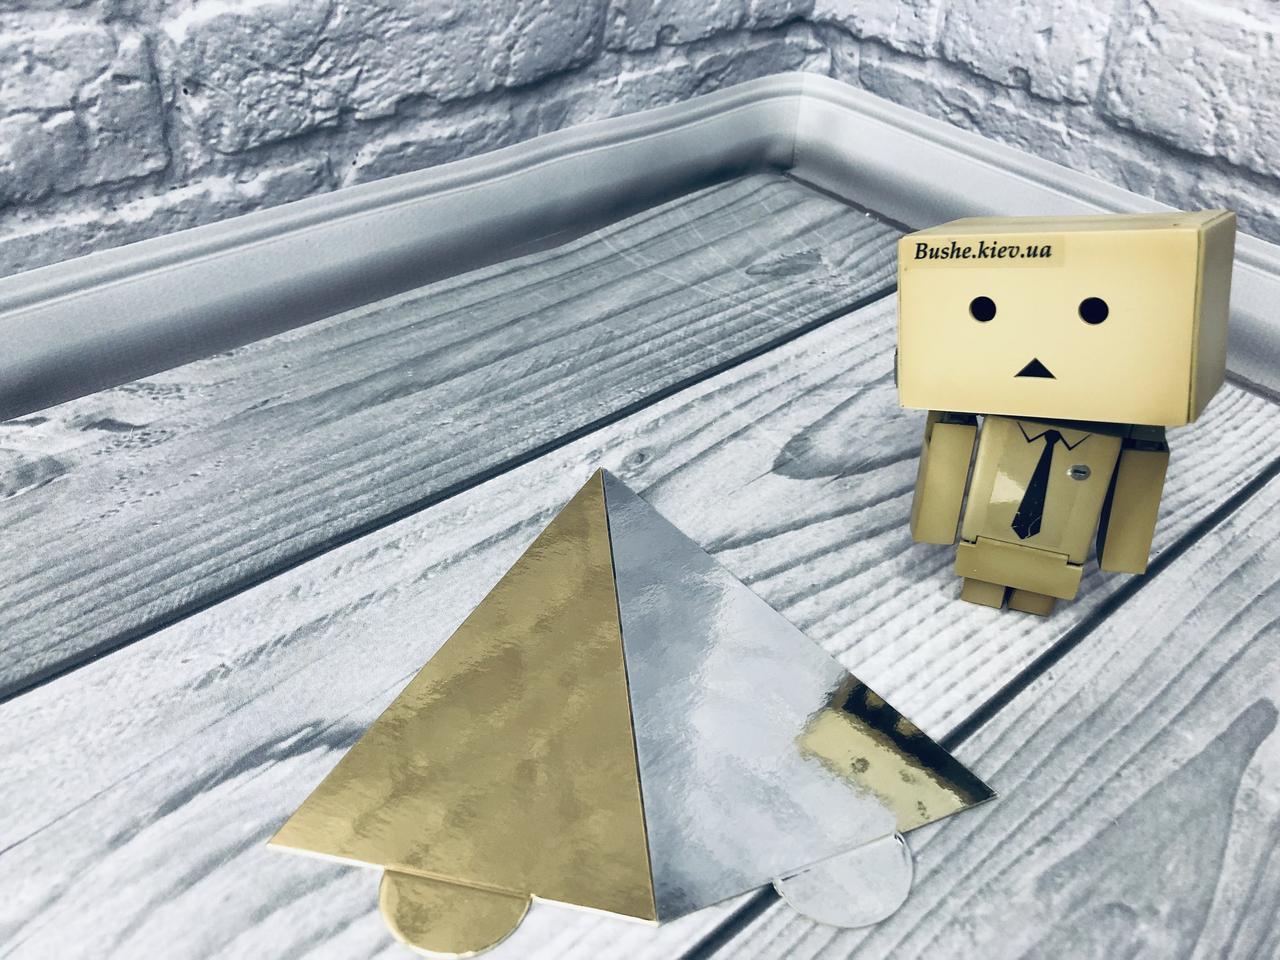 *100 шт* / Подложка под пирожное 13,5х8см-РУЧ, Золото-серебро, 135х80мм/мин 100 шт